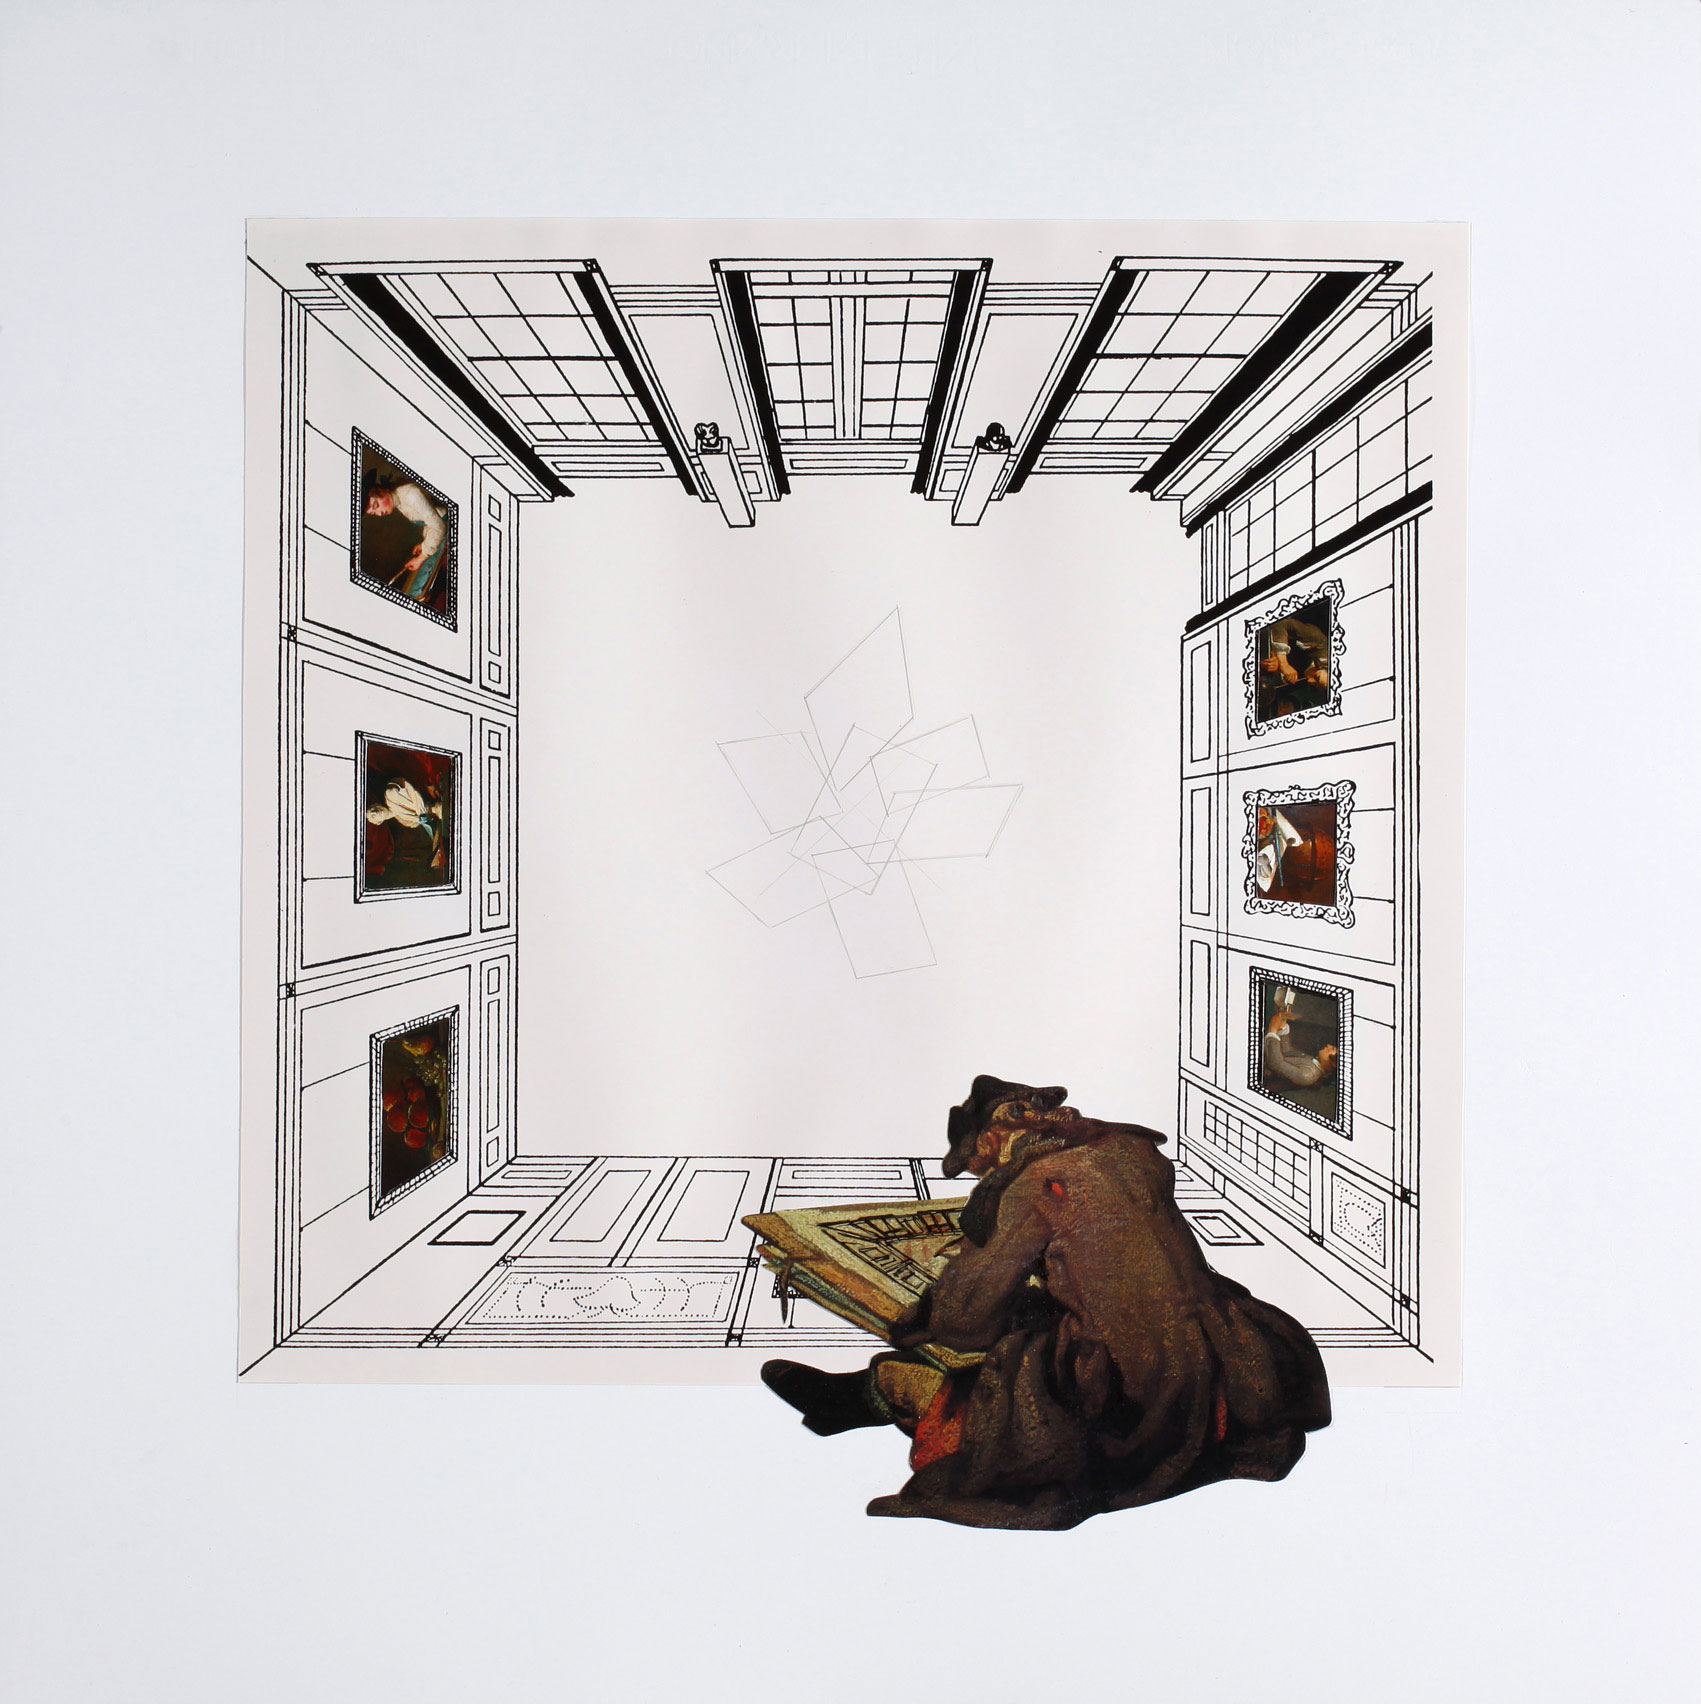 GIULIO PAOLINI - Le jeune dessinateur, 2012Matita e stampa litograficasu carta60 x 60 cm80 esemplariCHF 1'000